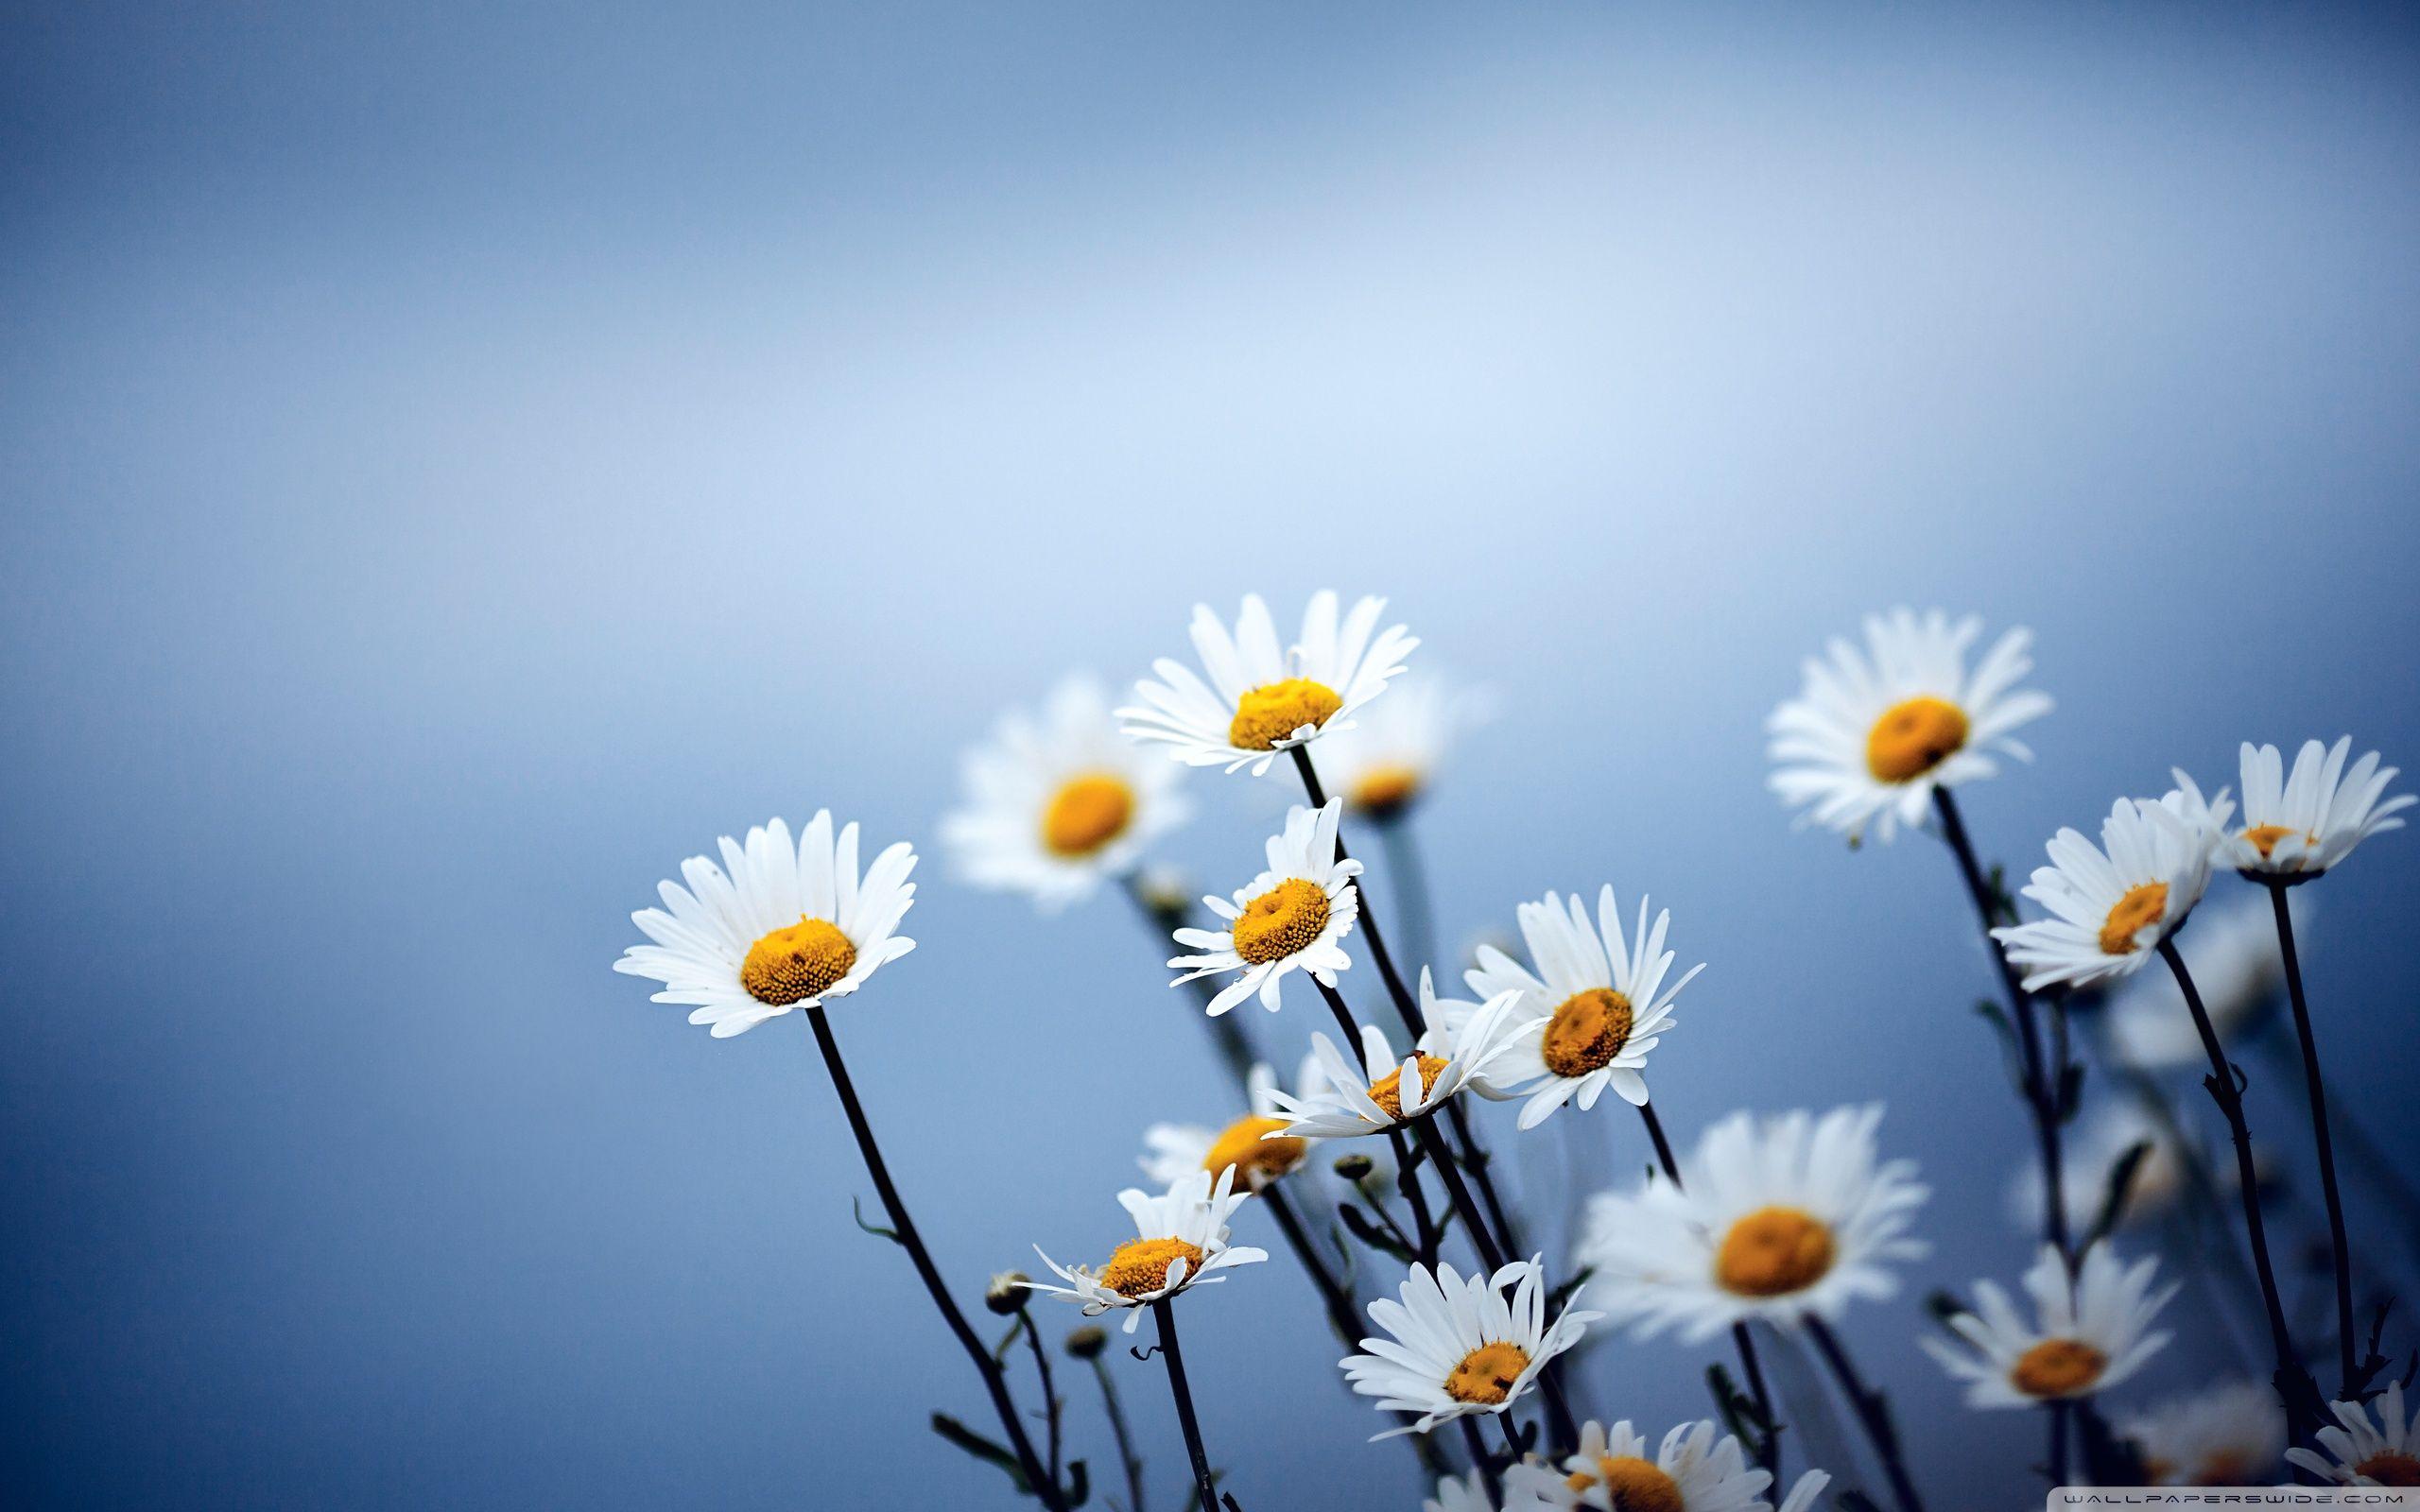 White Daisies Flowers 4k Hd Desktop Wallpaper For Flower Desktop Background 2560x1600 Wallpaper Teahub Io